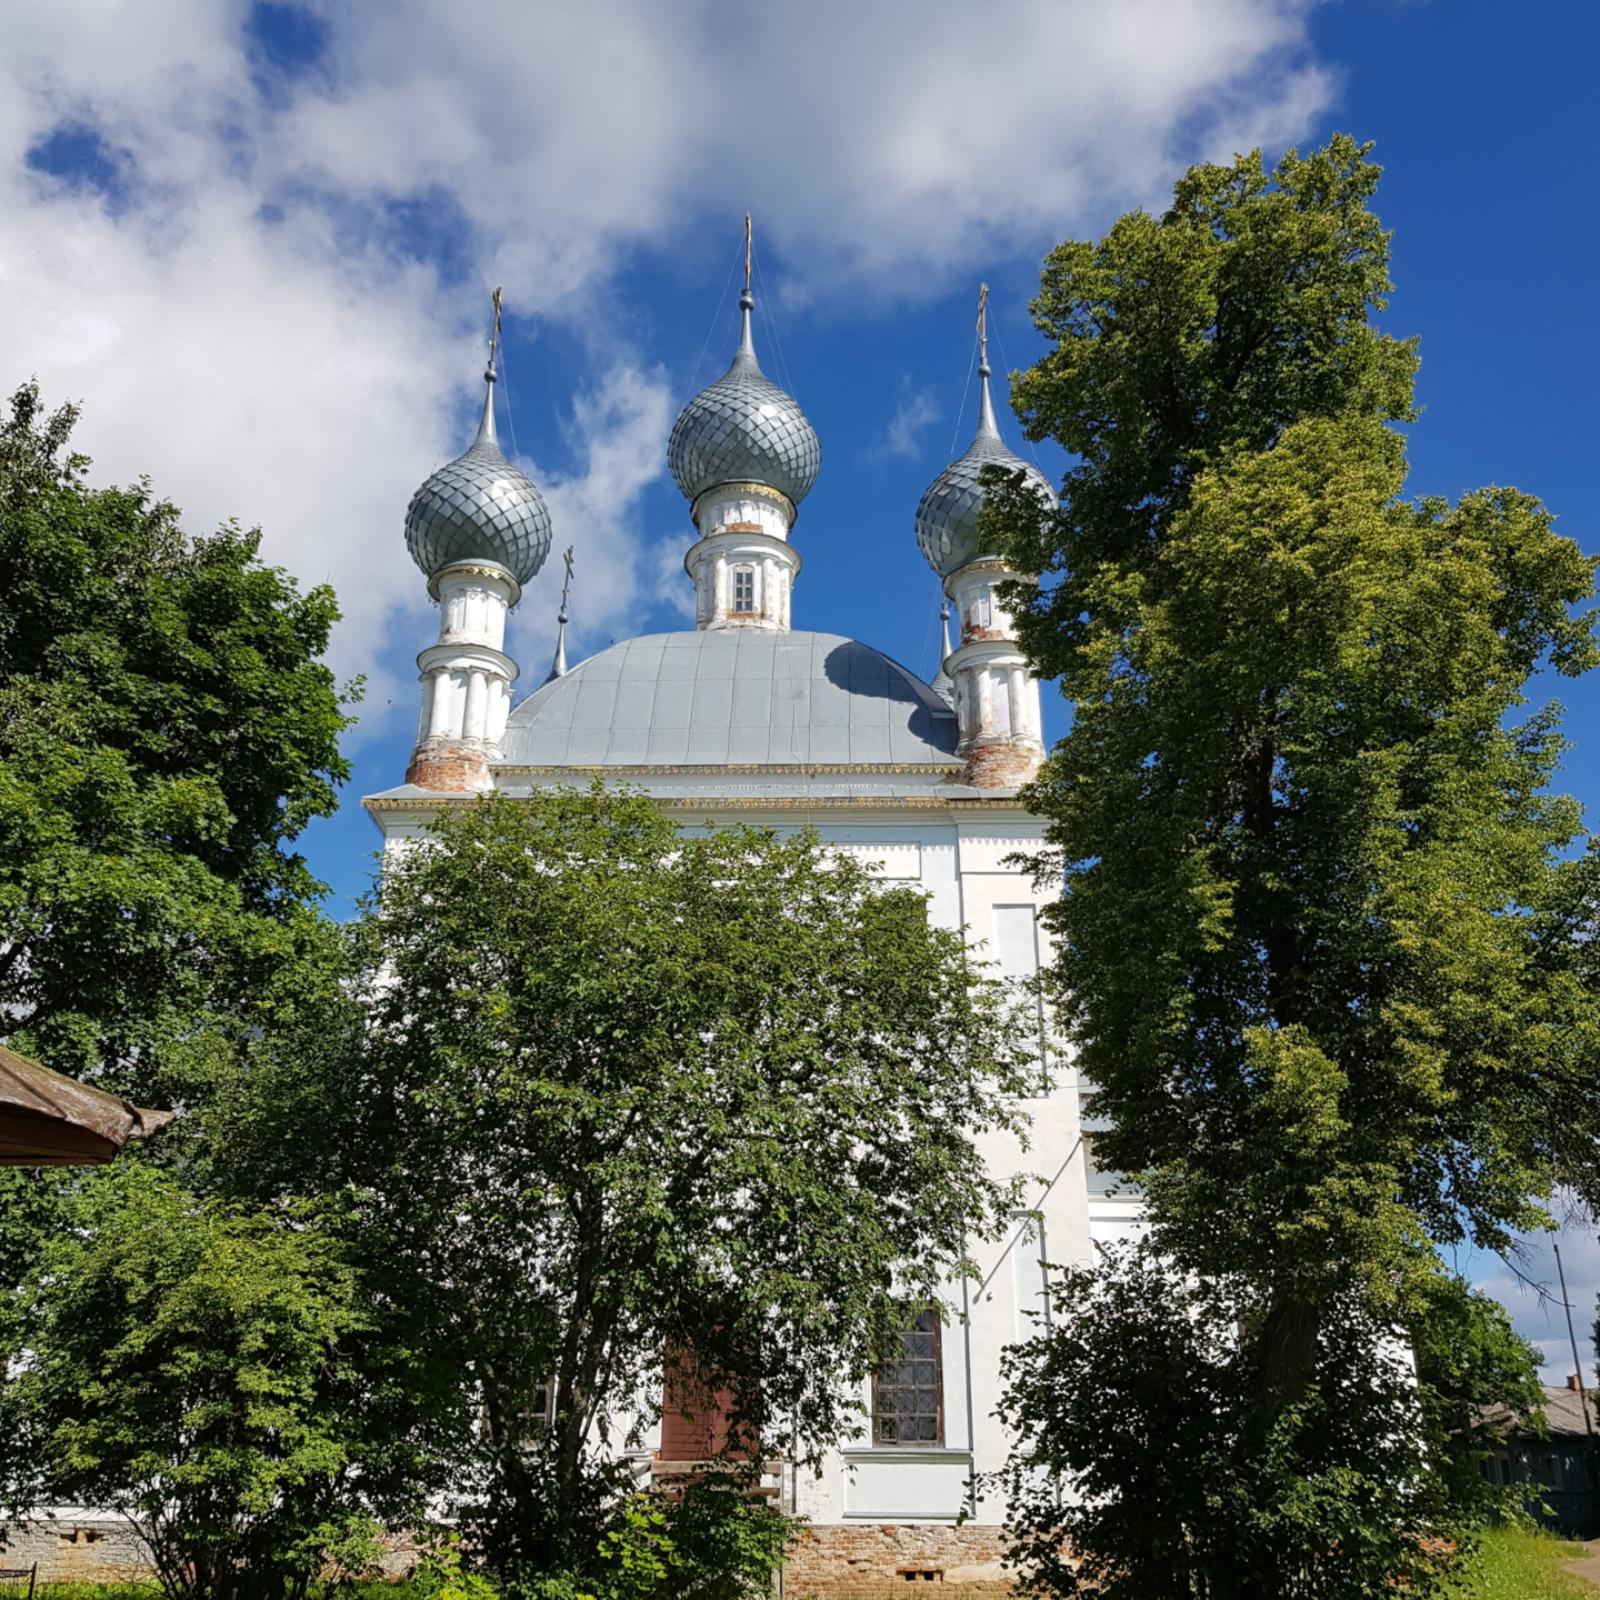 село-Давыдово-храм1-1600×1600